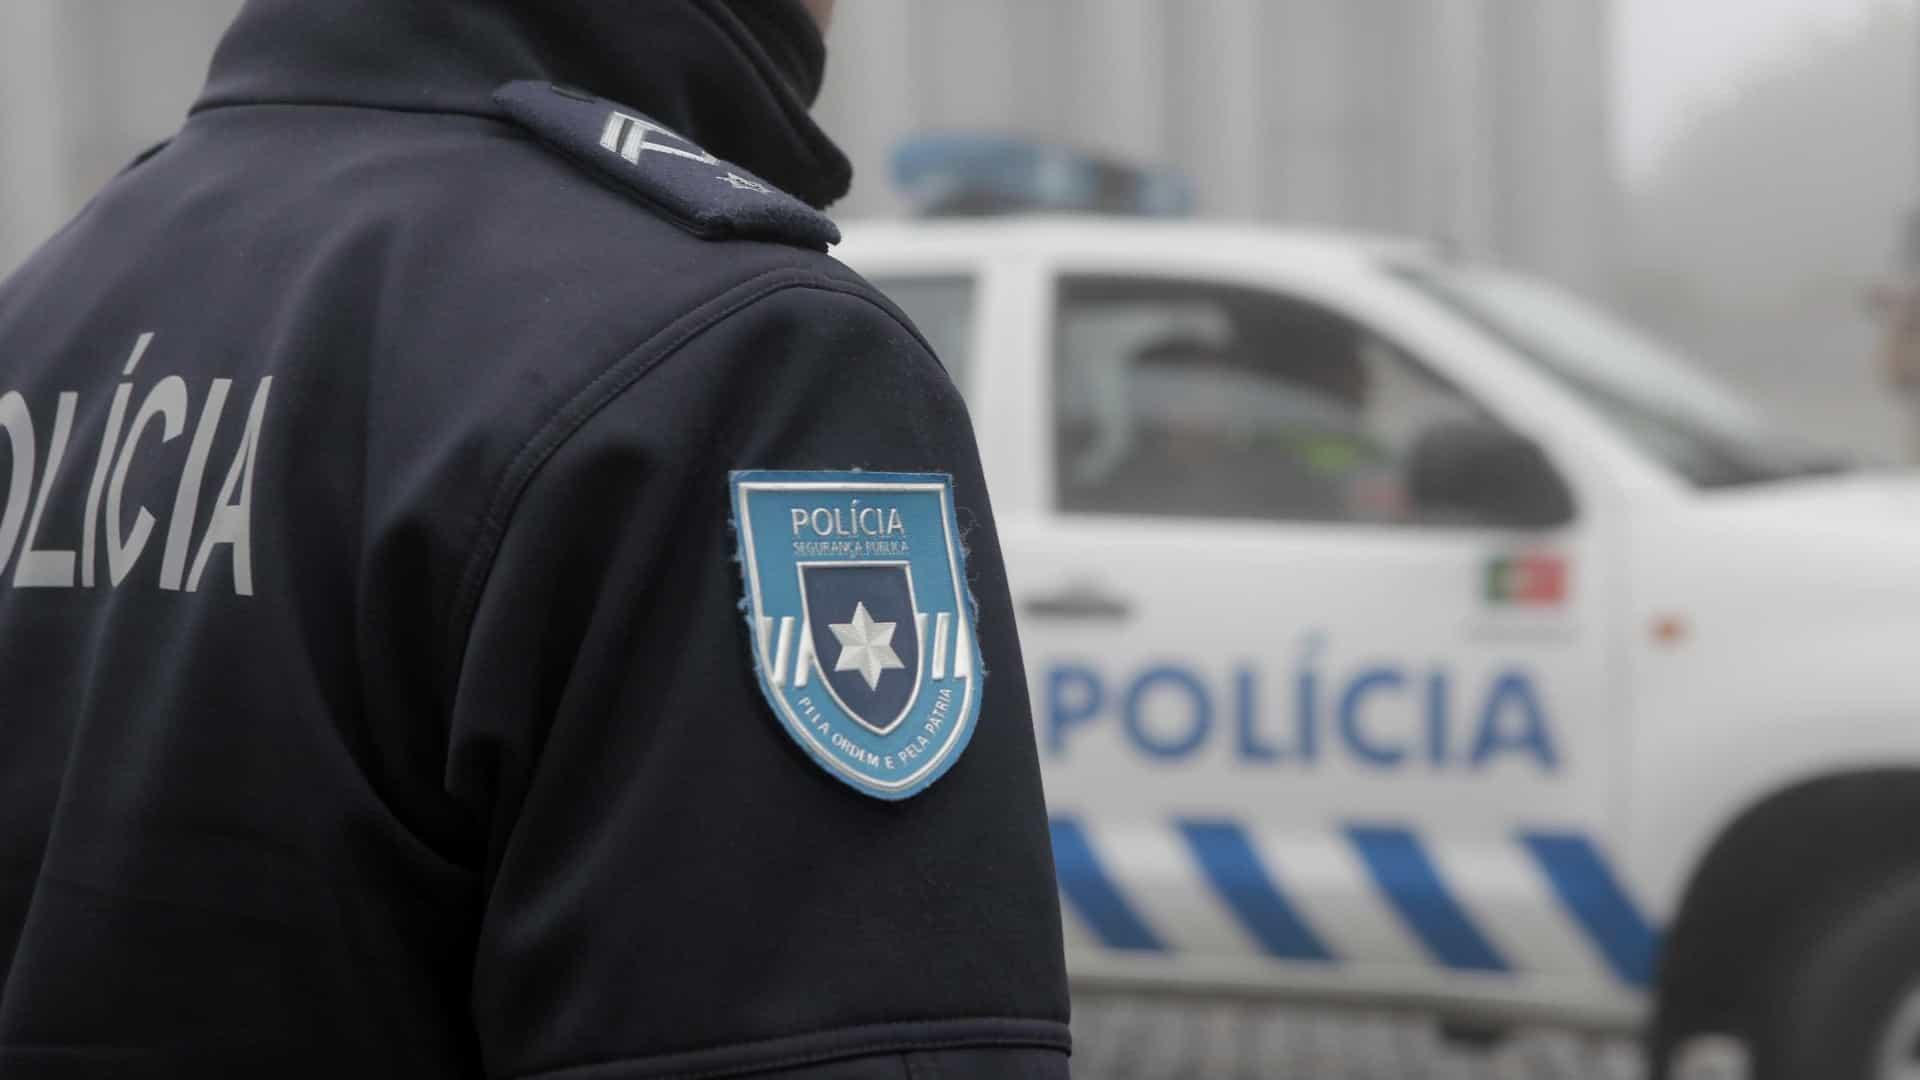 PSP faz detenções Braga e Guimarães por furto e viciação de viaturas